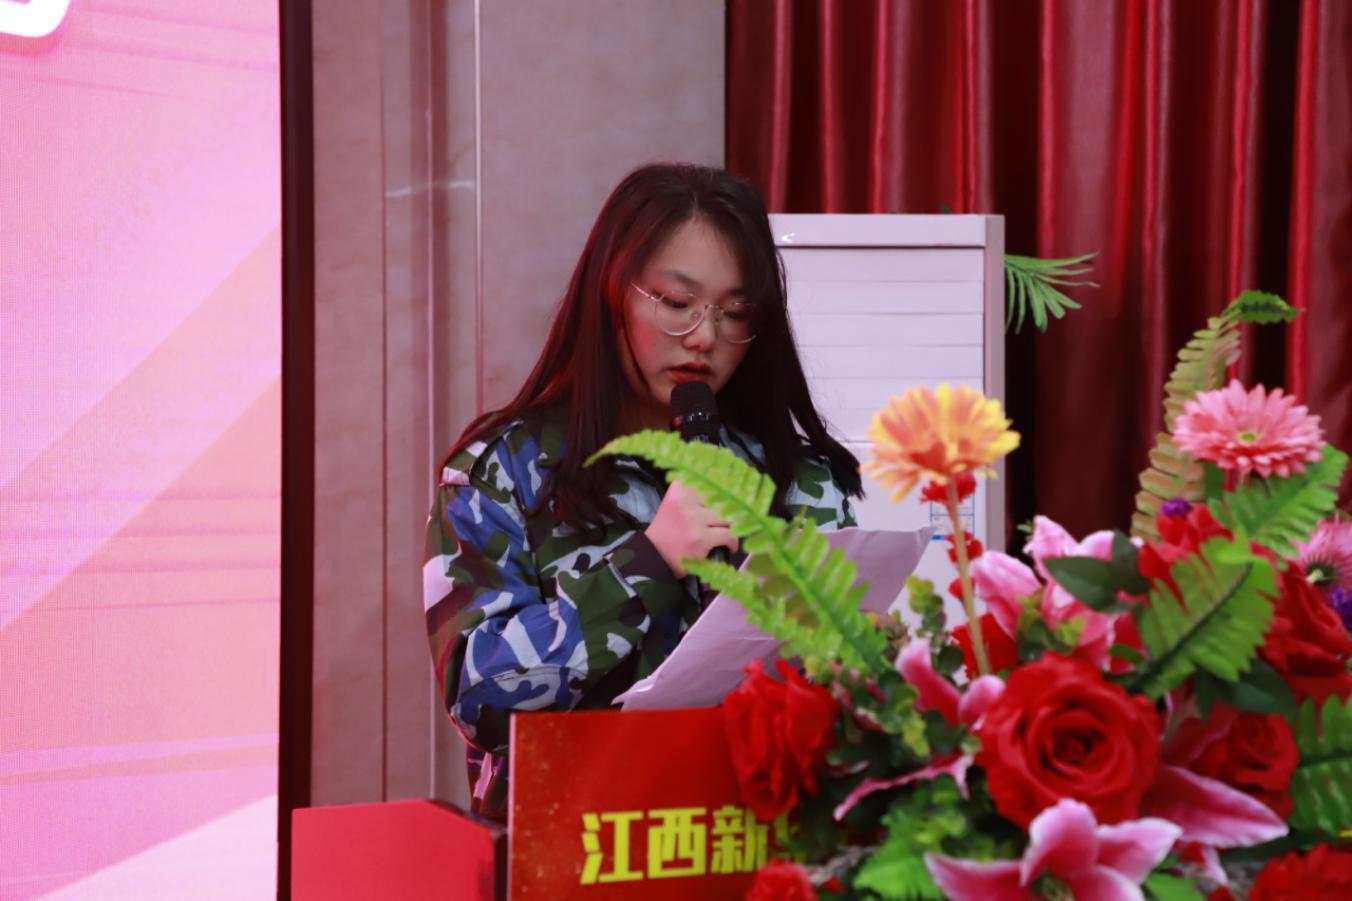 江西新华电脑学院2021年春季新生开班典礼 青春绽放,梦想起航!